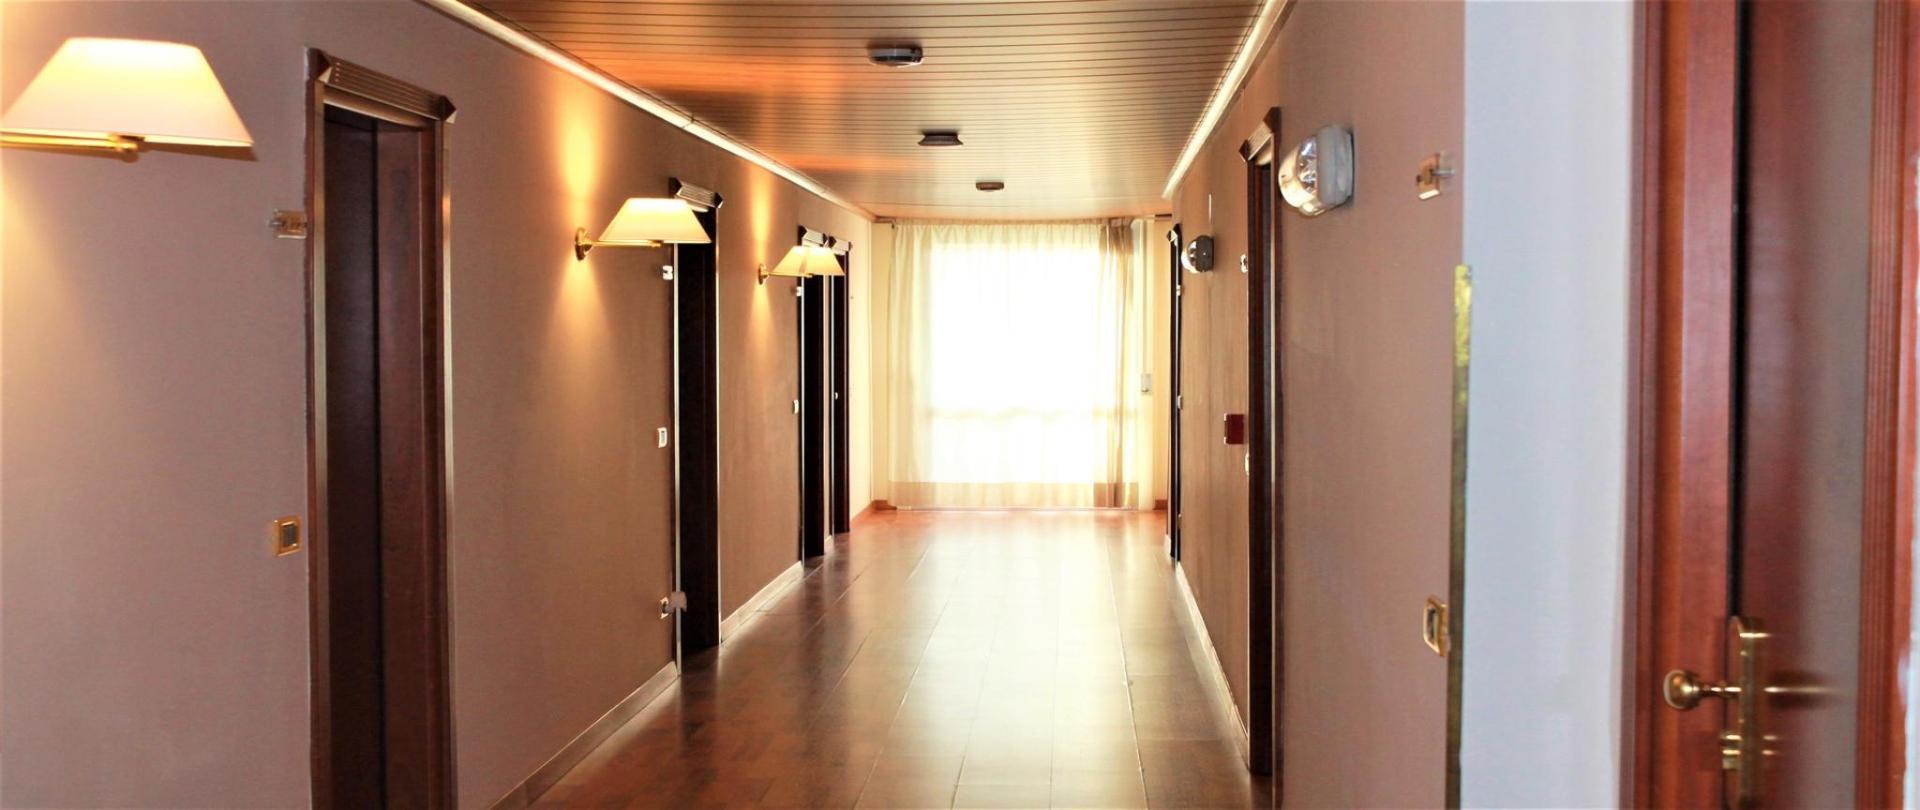 corridoio2.jpg